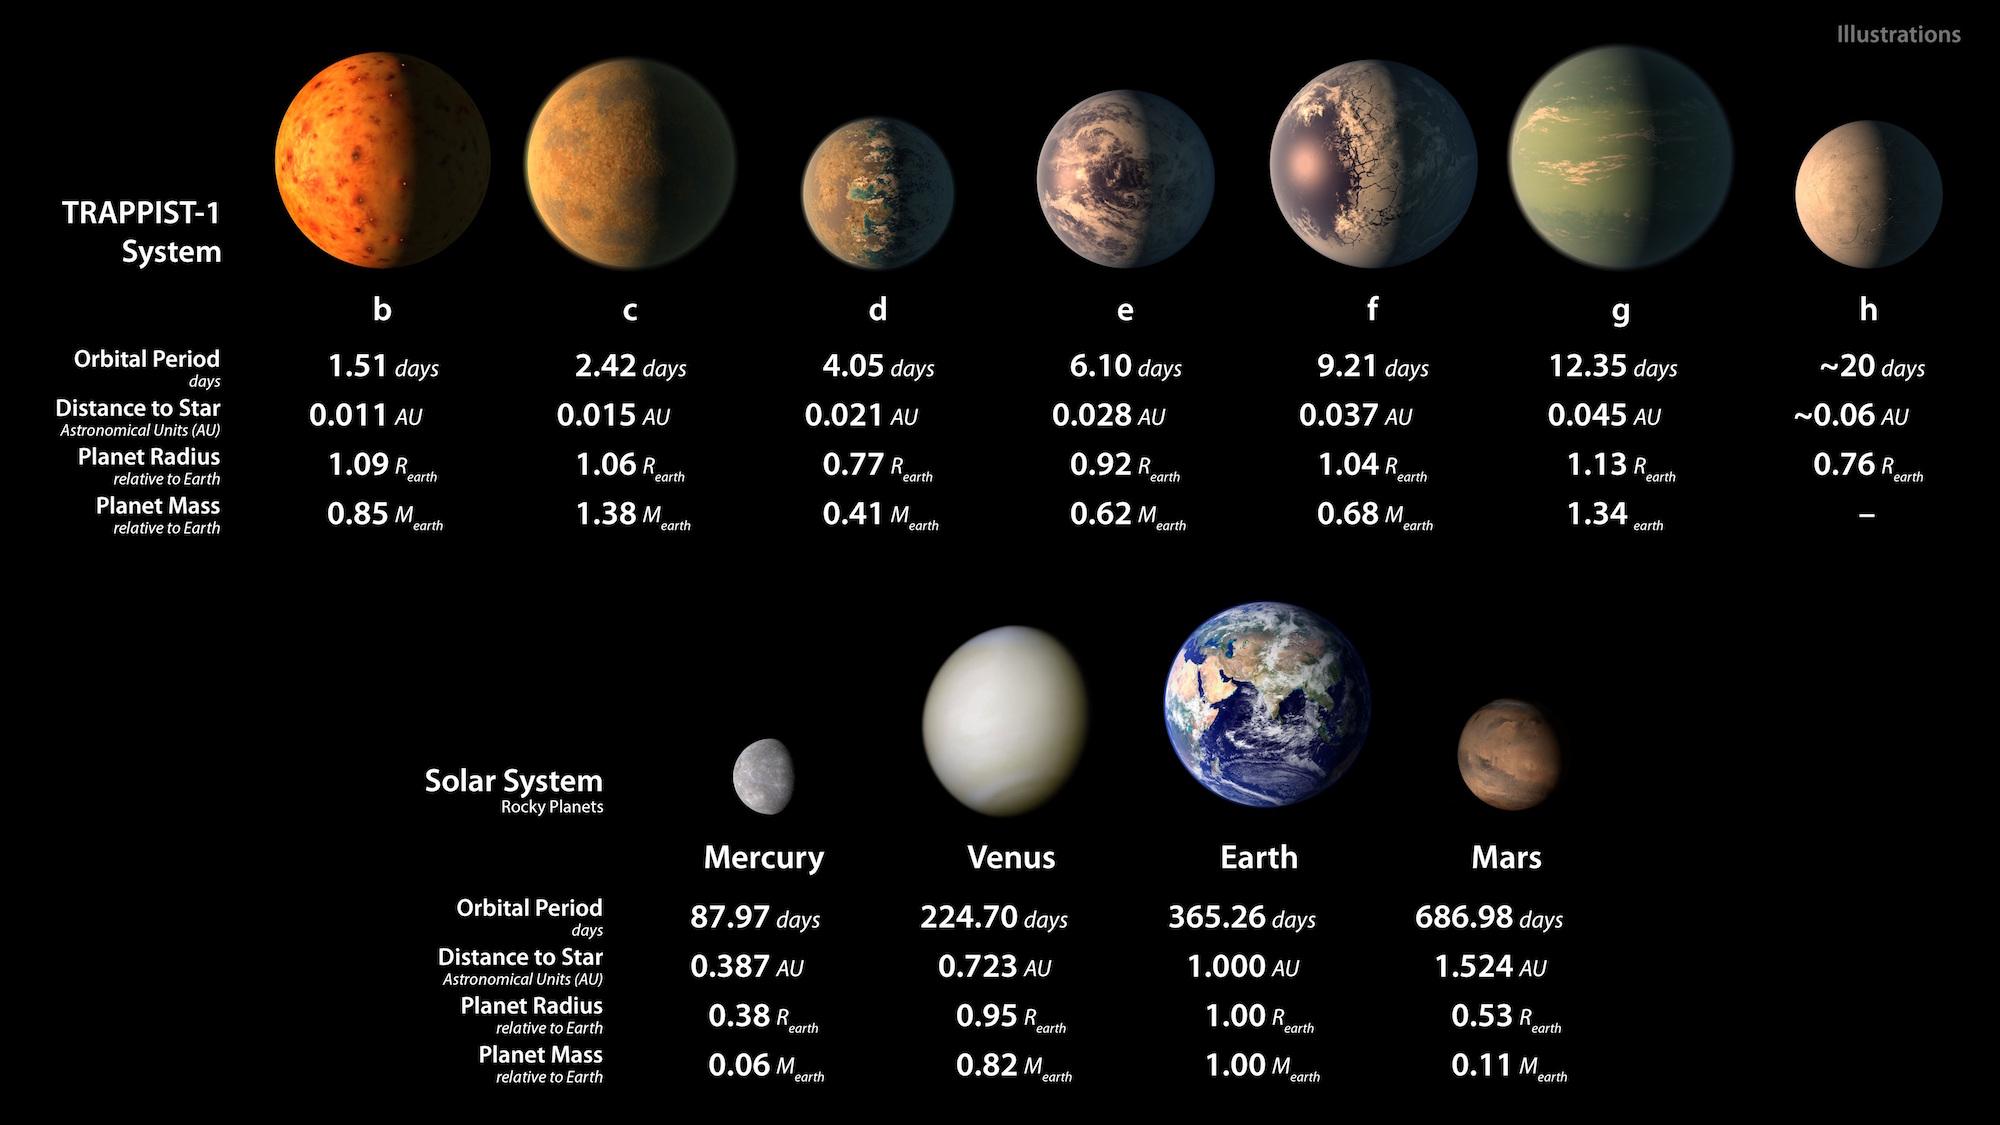 Các thông số của hệ TRAPPIST-1 và so sánh với hệ Mặt Trời (ảnh: NASA/JPL-Caltech)